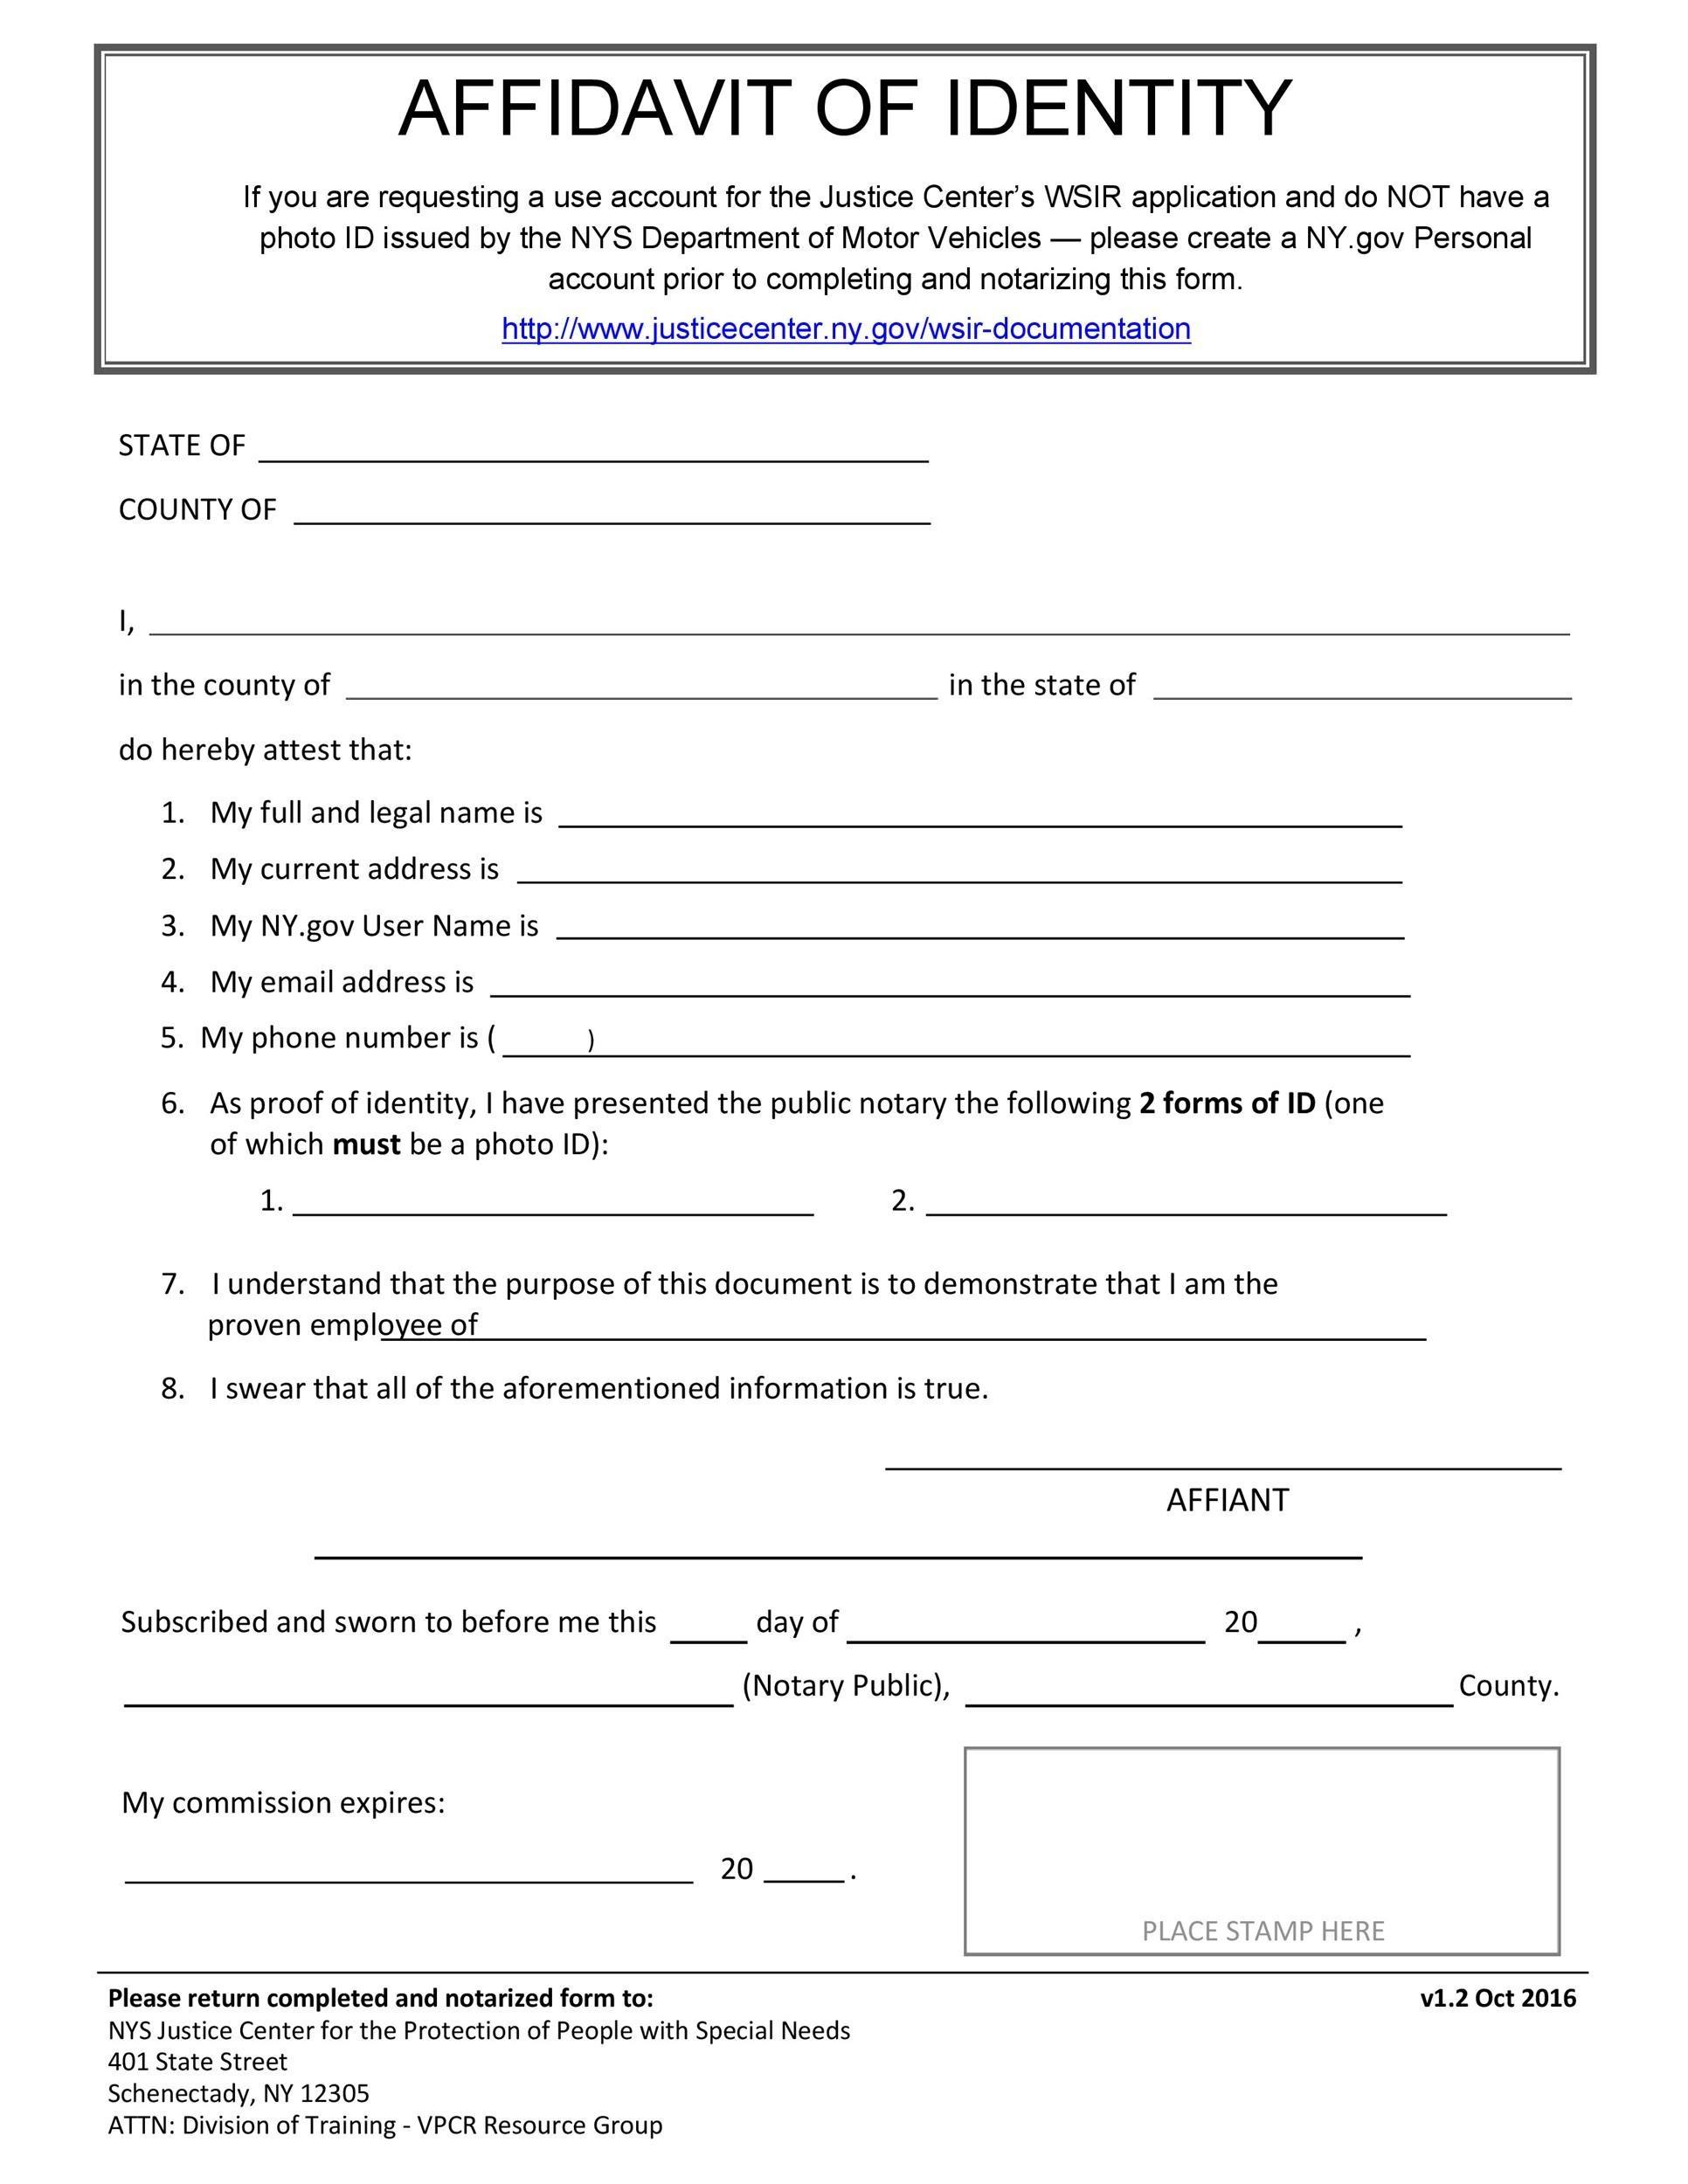 Free affidavit of identity 03